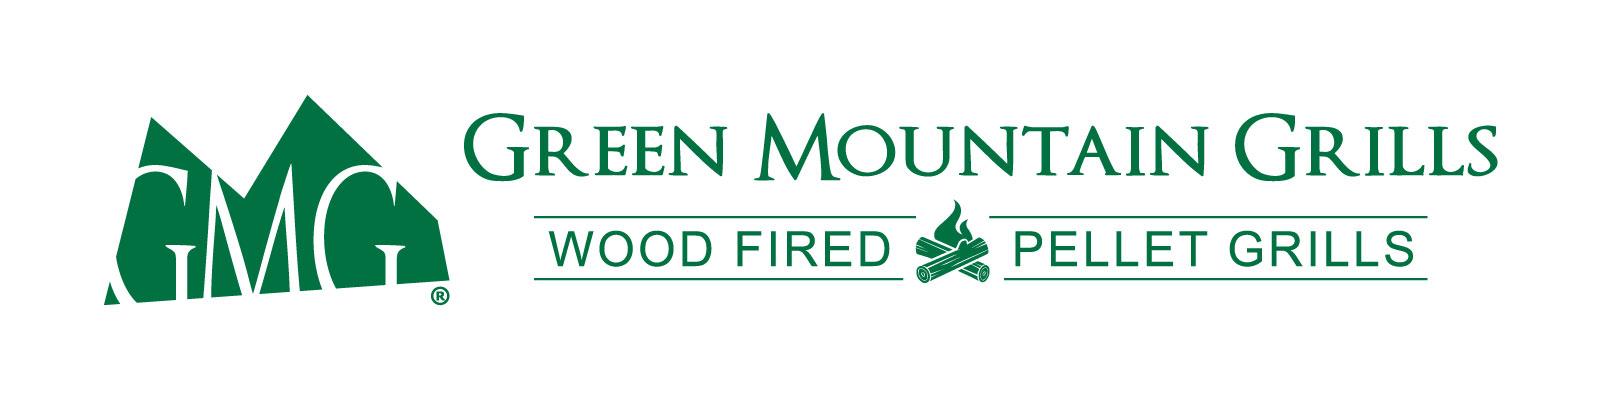 GMG Green Horizontal